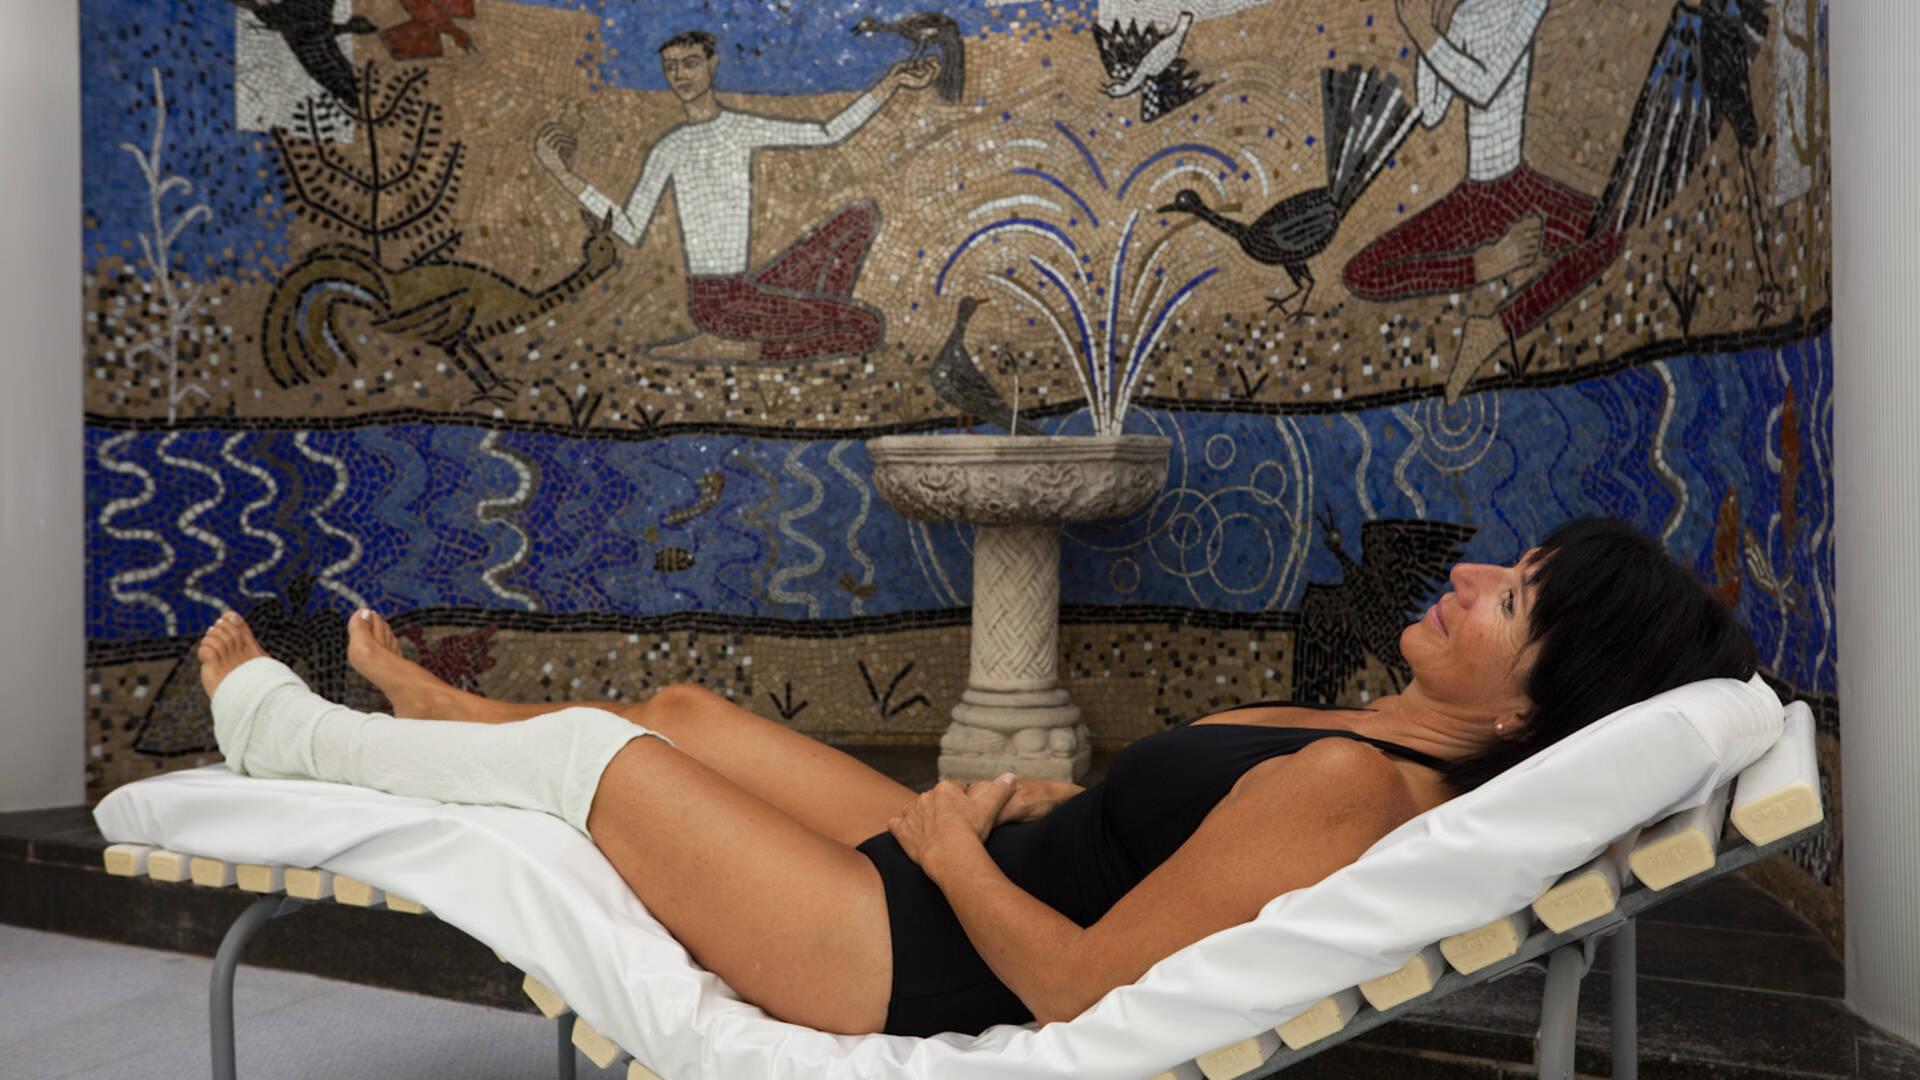 Réservez vos soins de 2 à 18 jours à la cure thermale de Rochefort - © Alain Baschenis